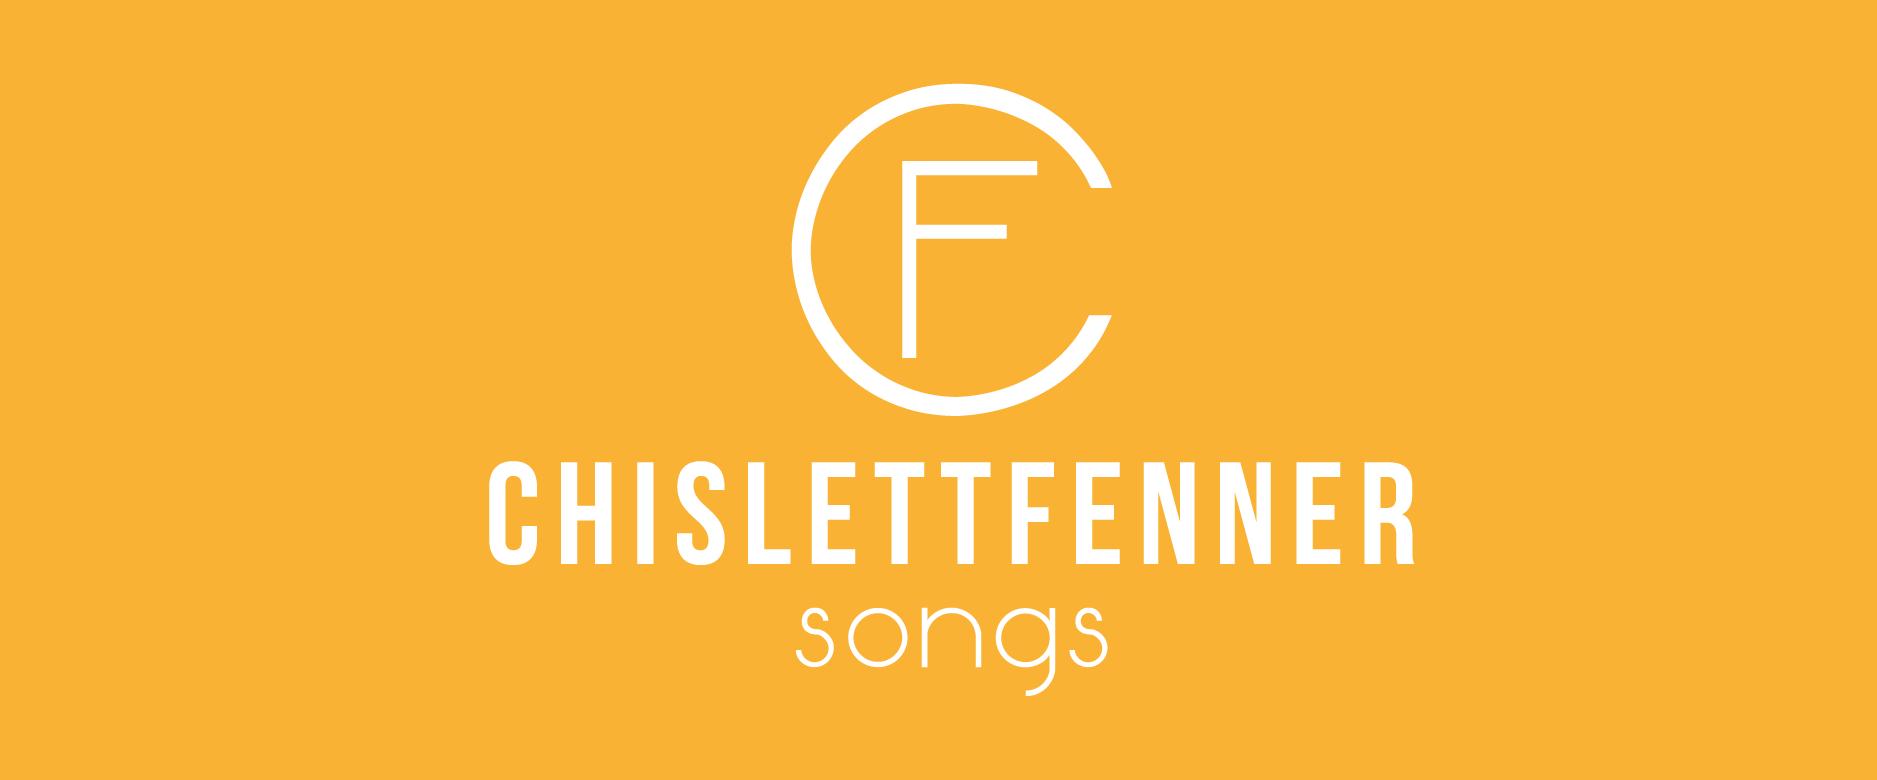 Chislett Fenner Songs